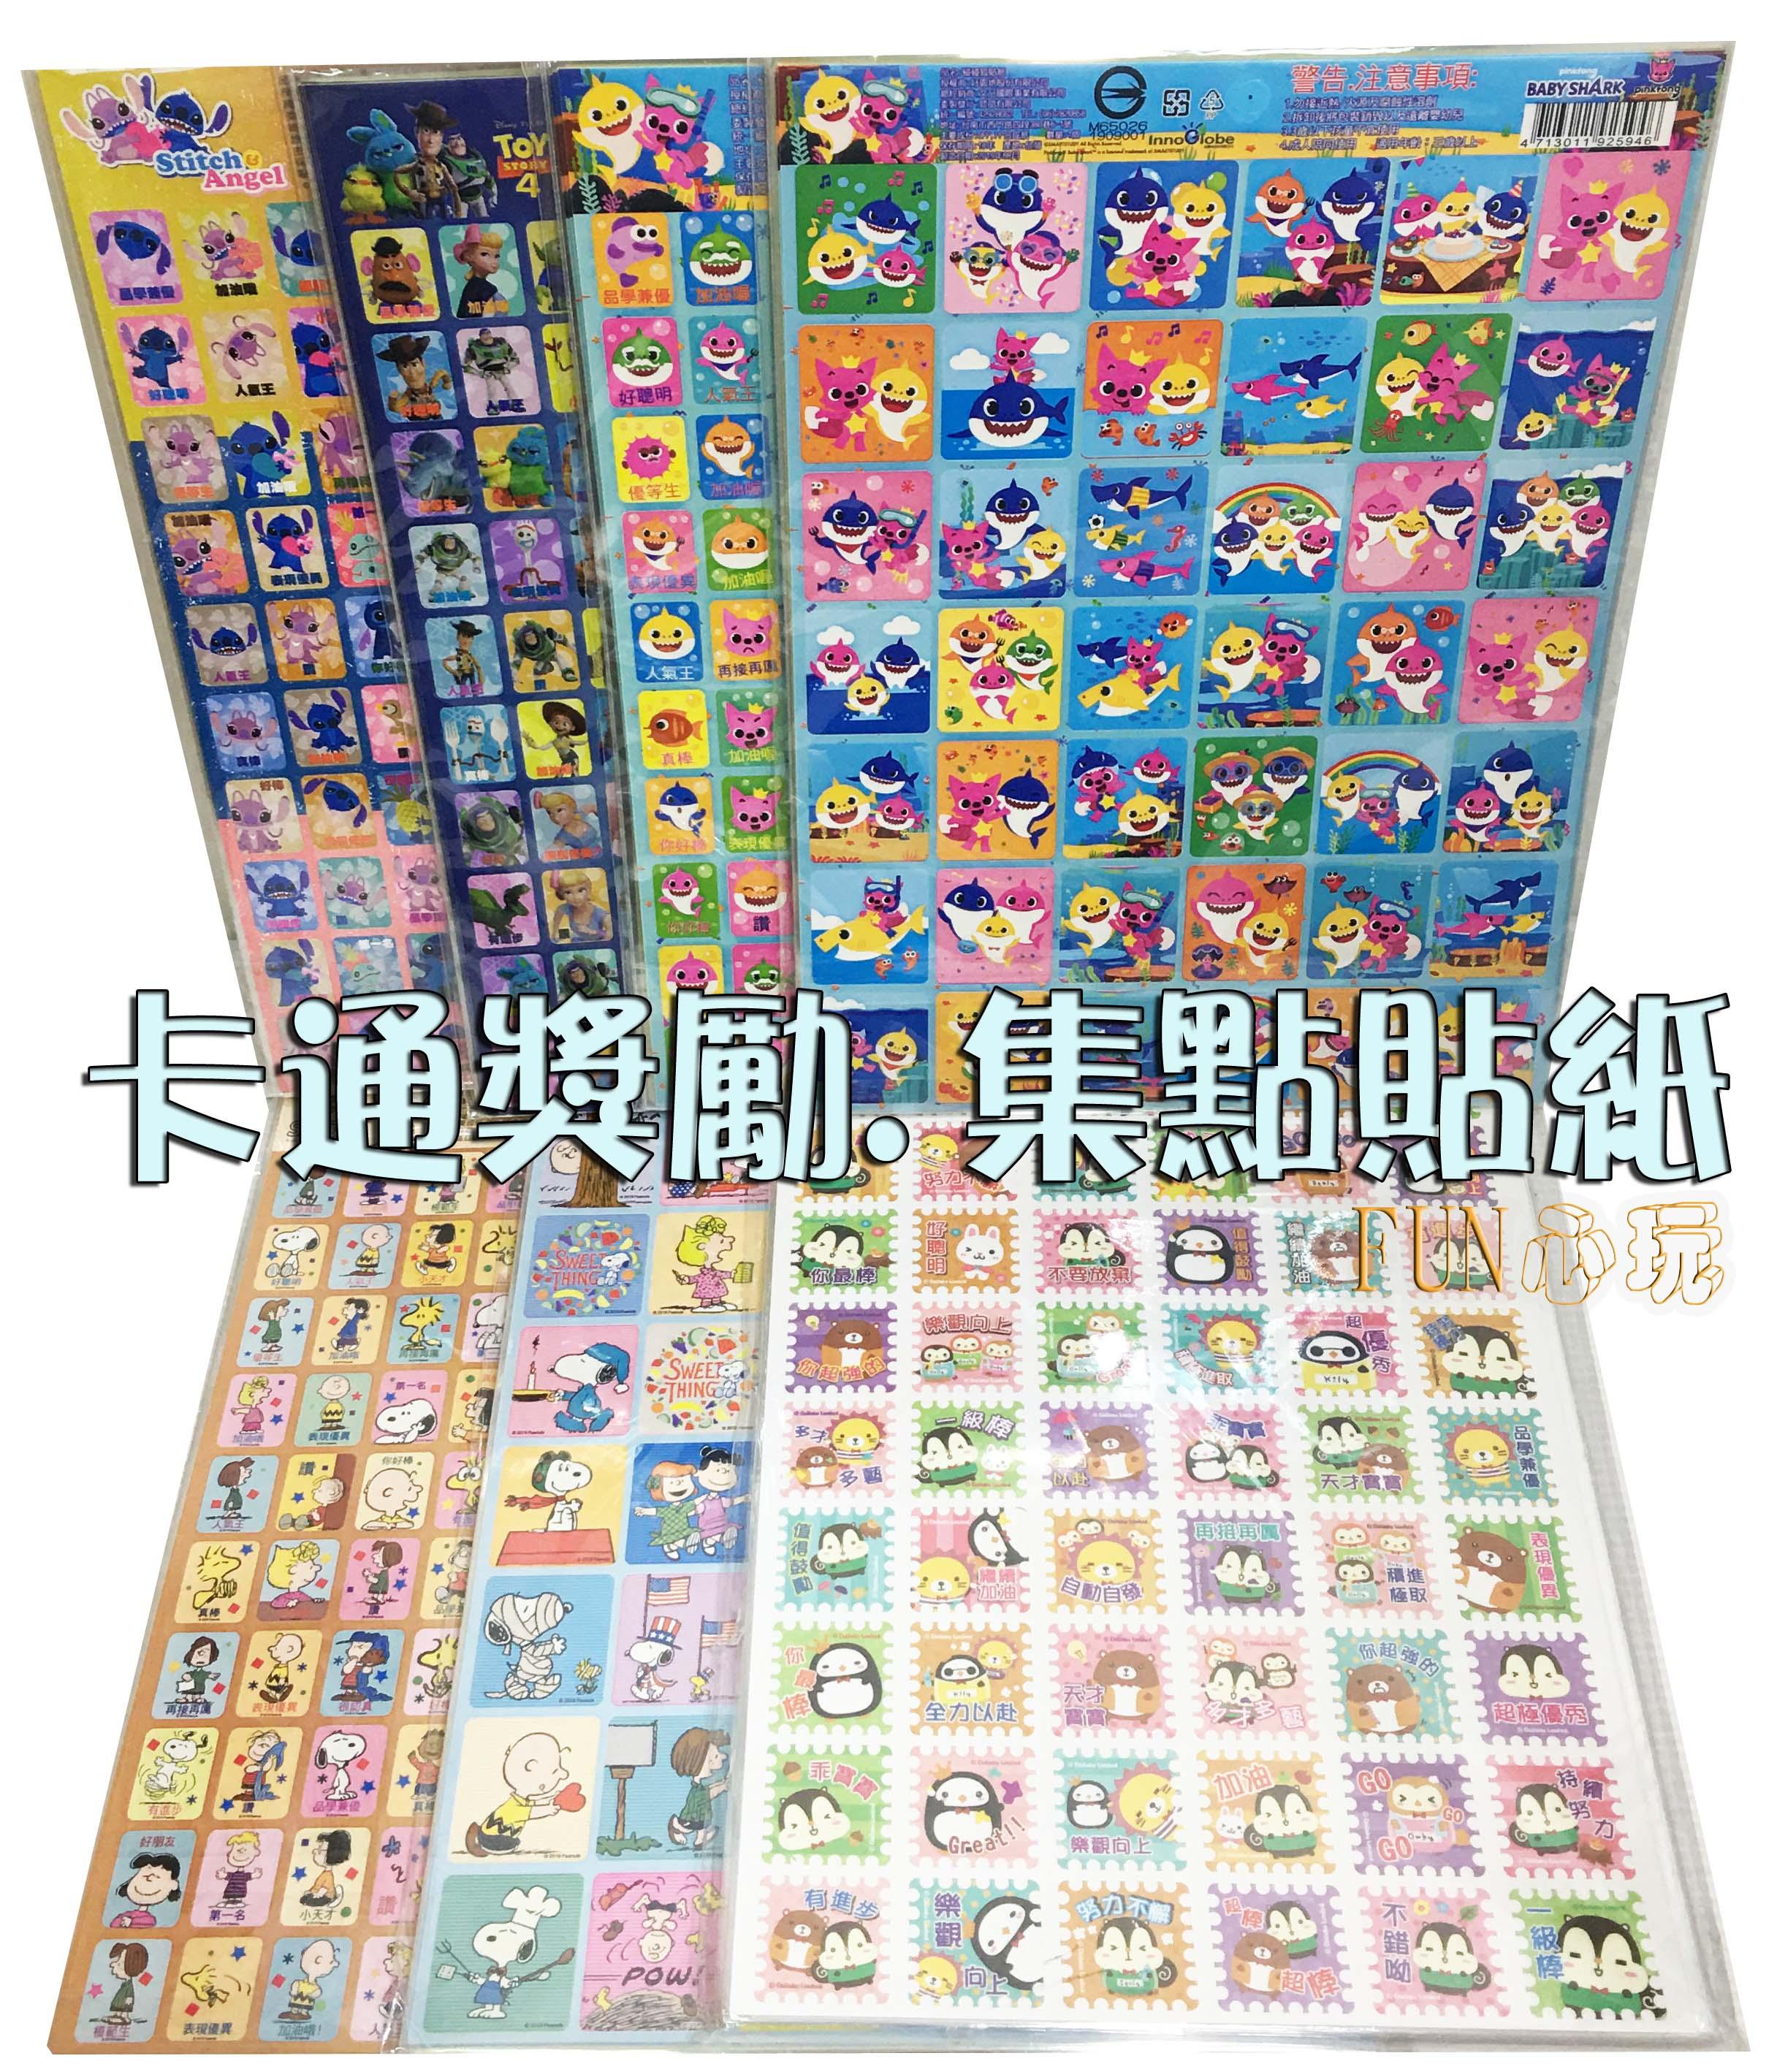 【Fun心玩】一包12張入 史努比 瑪莎與熊 碰碰狐 史迪奇 玩具總動員 企鵝 小朋友 獎勵 百格 郵票 卡通貼紙